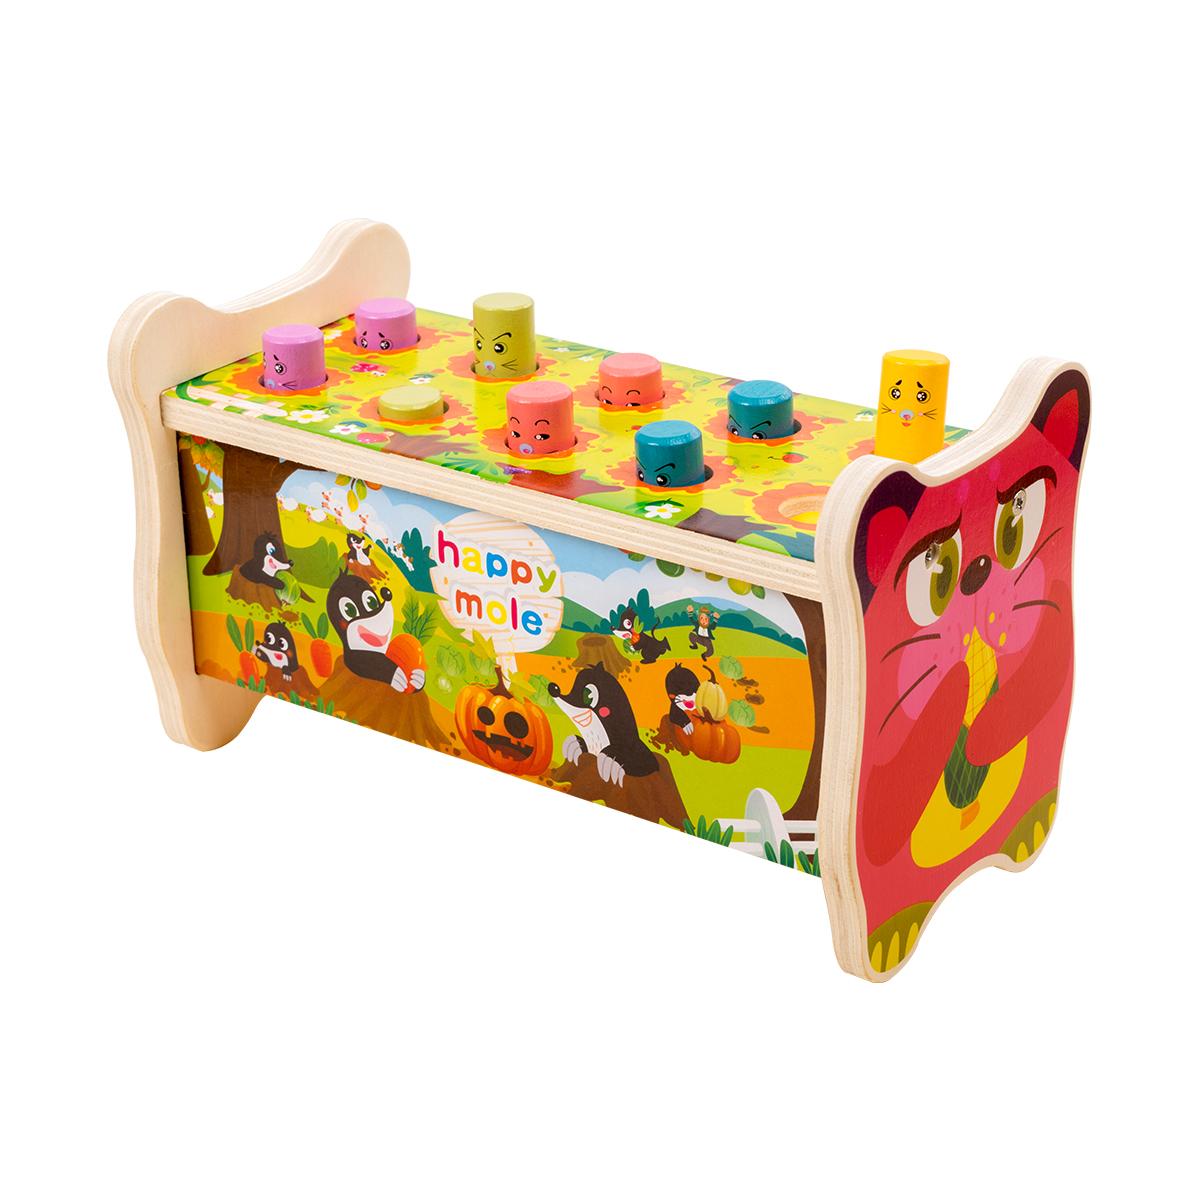 幼儿童打地鼠玩具1一2-3周岁半大号敲打老鼠游戏男女宝宝小孩益智